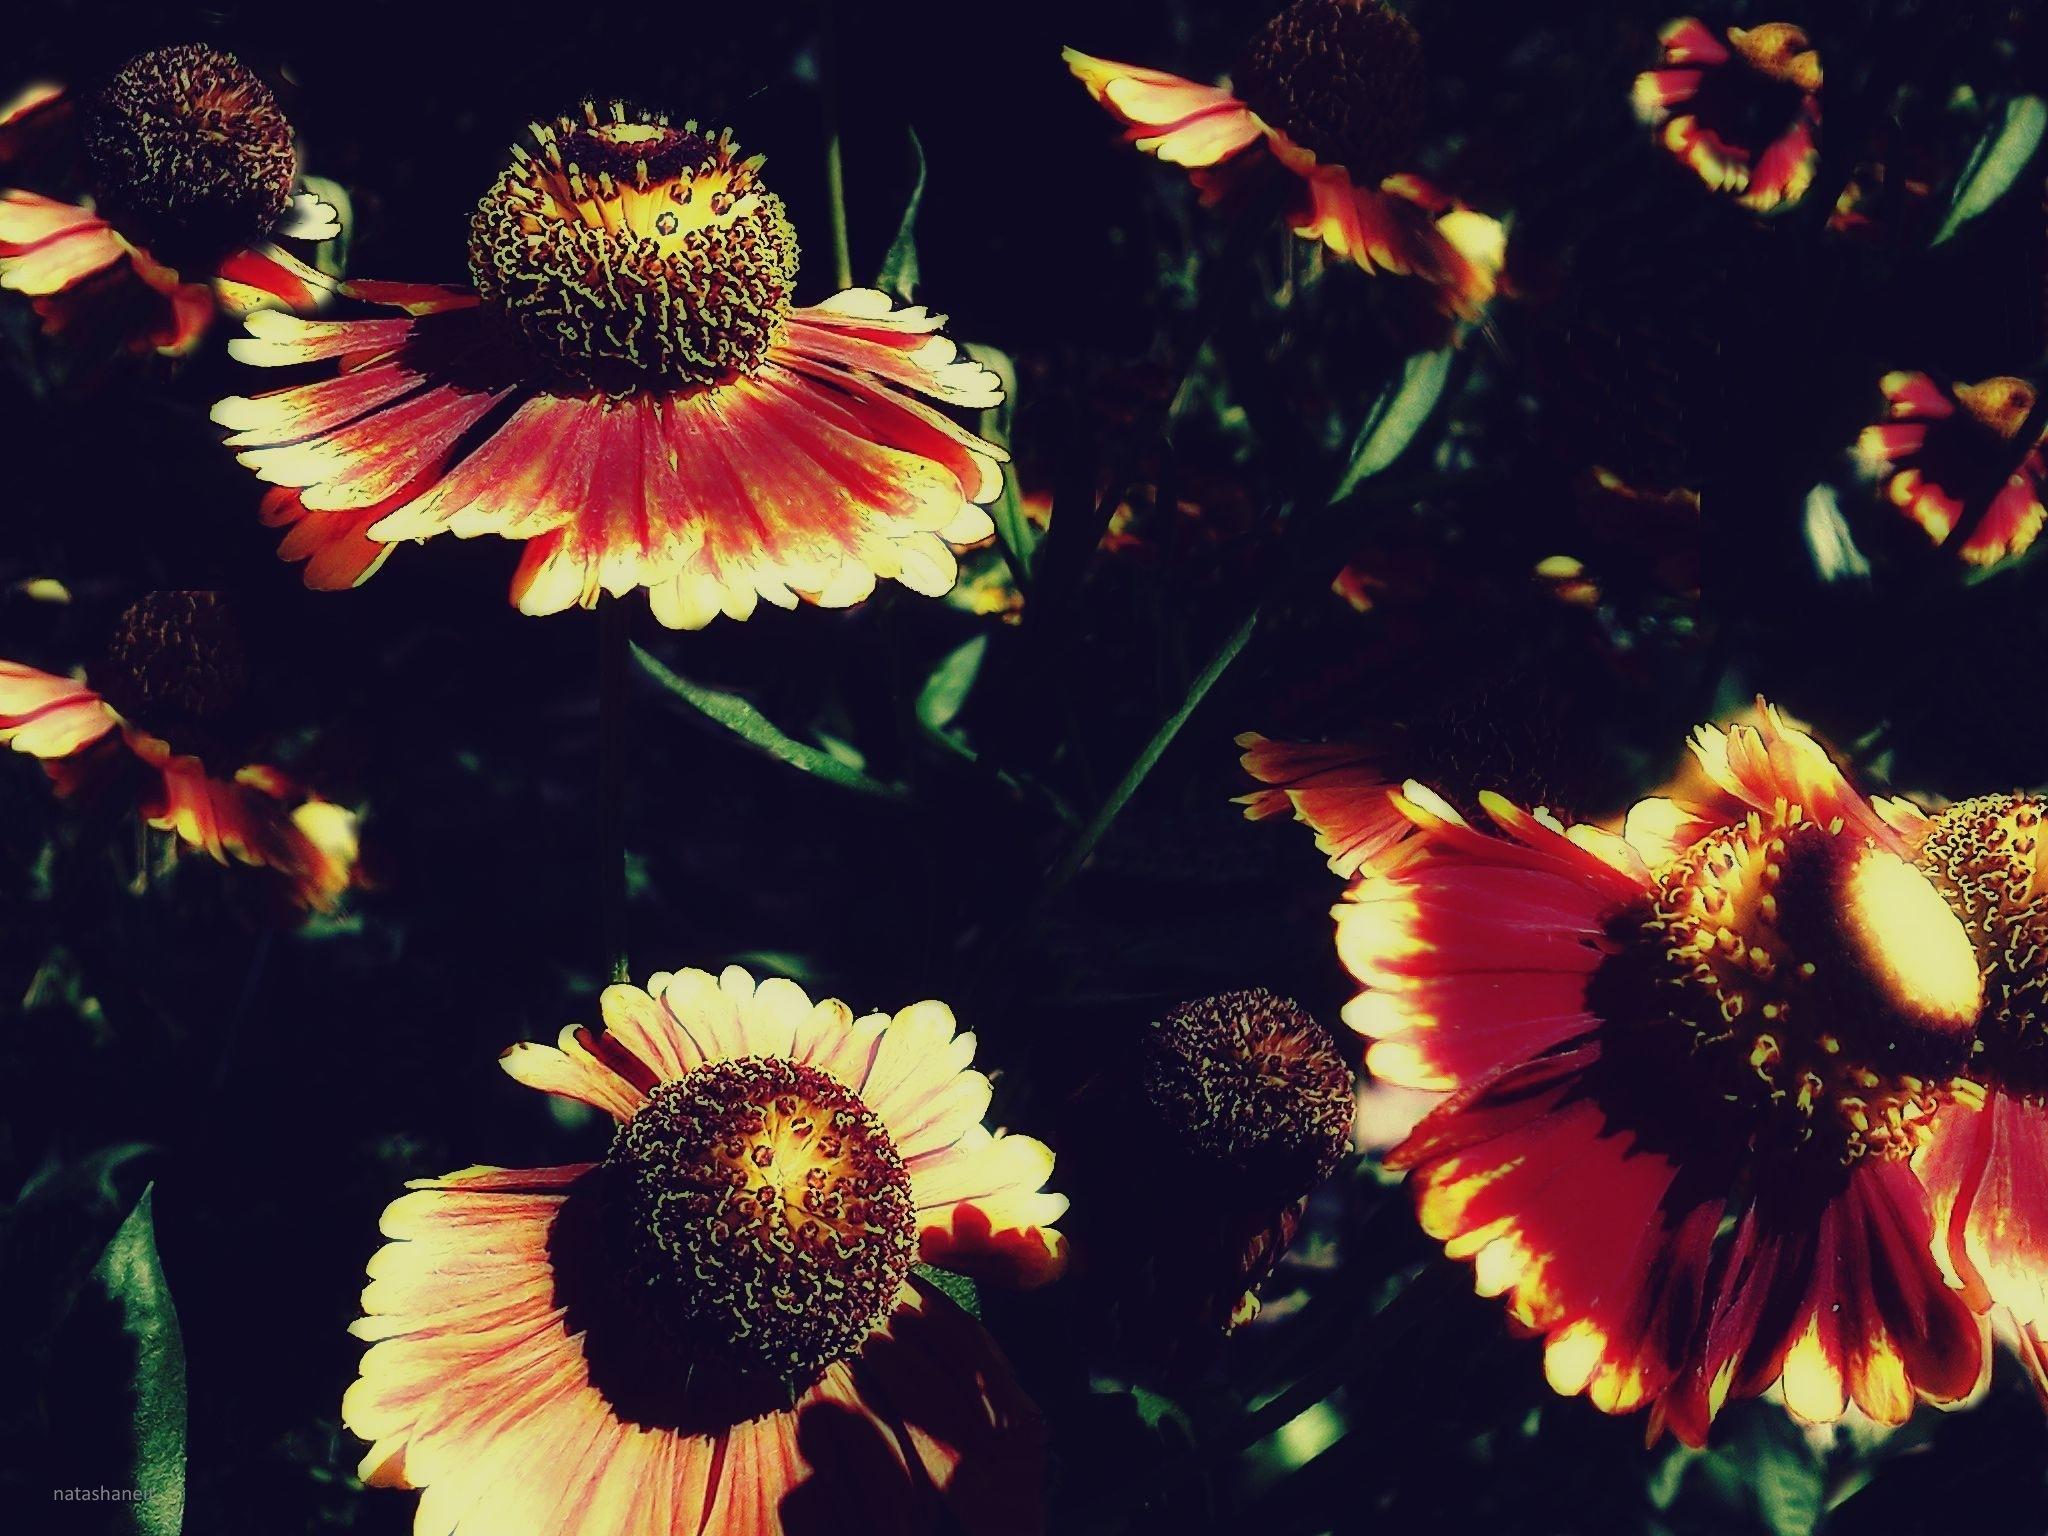 Flowers in the garden by natashaneit